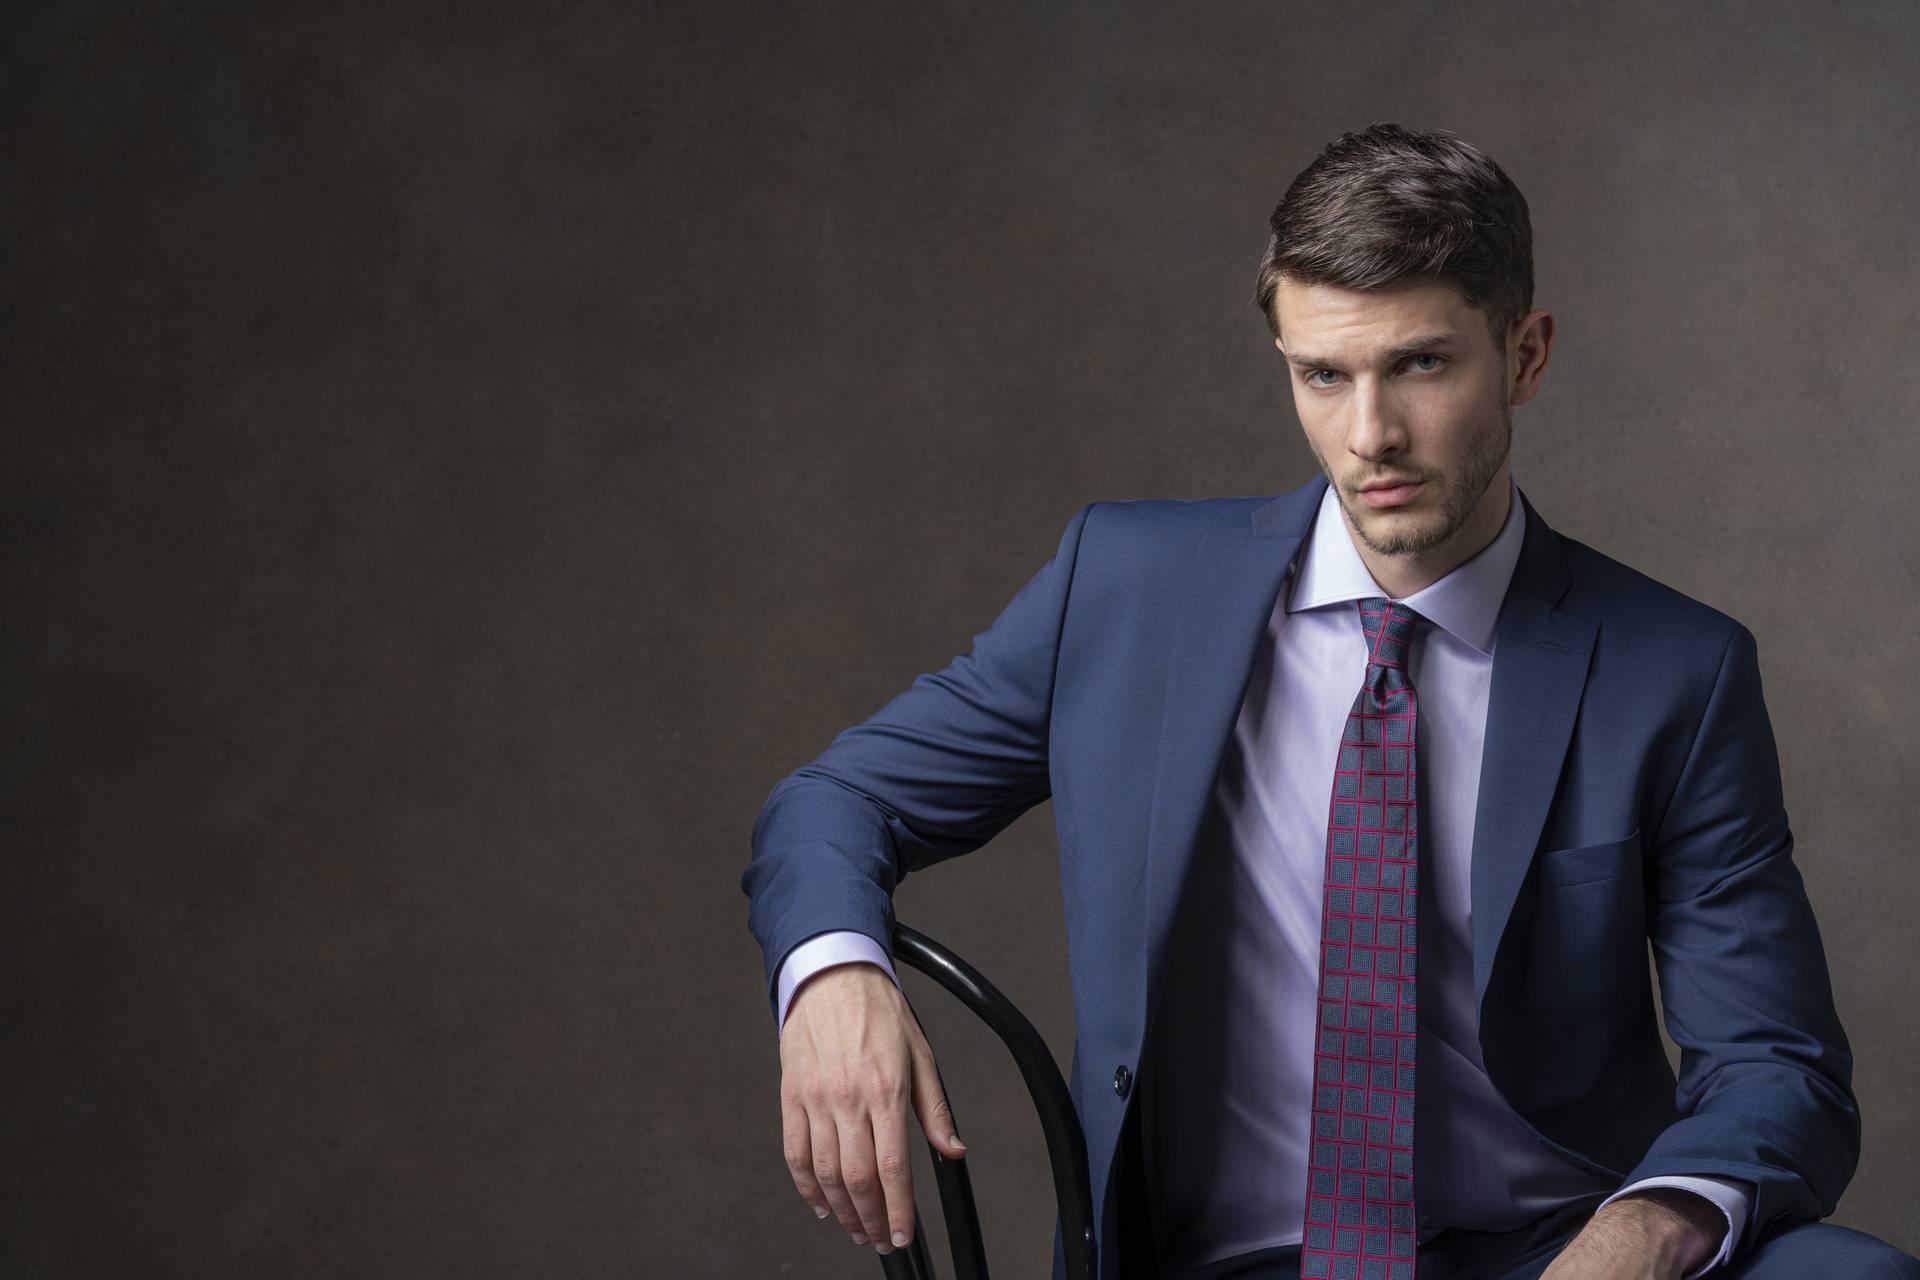 Za savršen dojam bitno je uskladiti košulju i kravatu. Stručnjakinja objašnjava kako